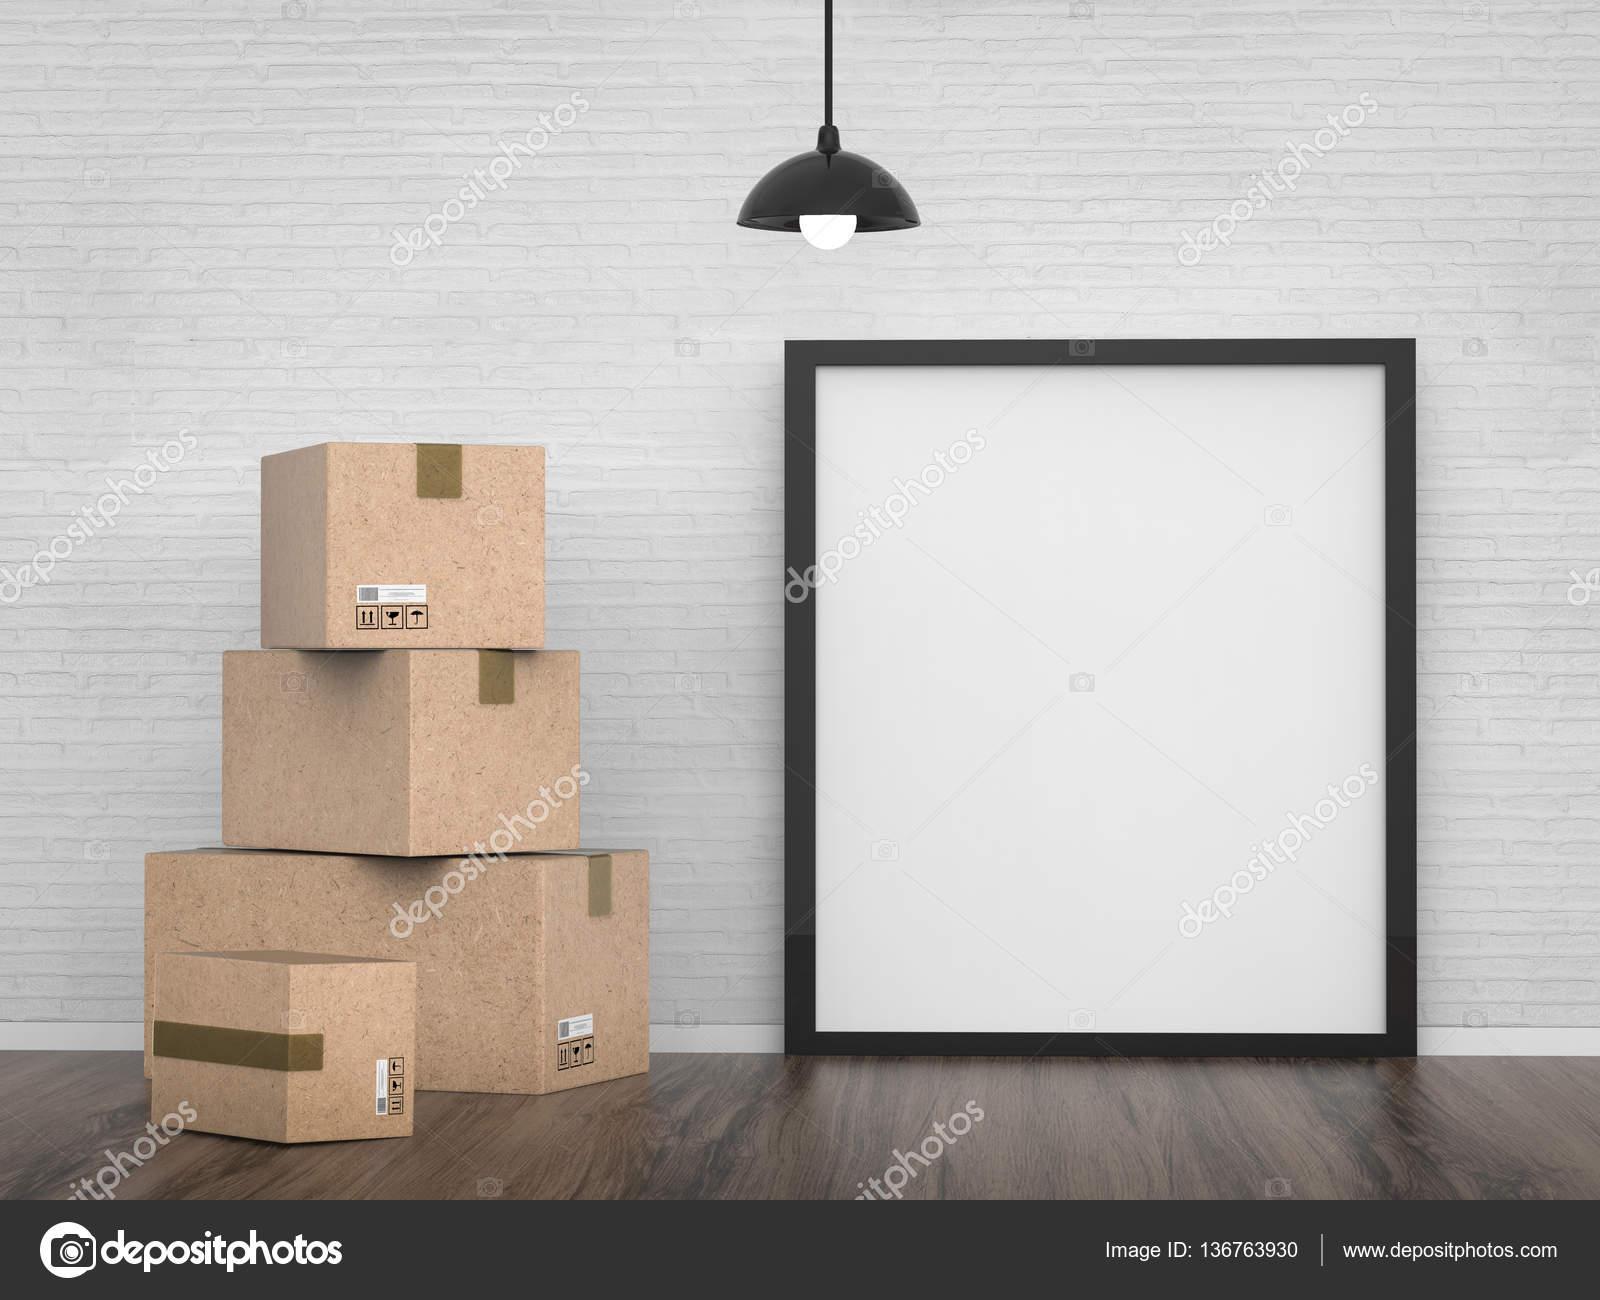 tablero vacío con cajas de cartón — Foto de stock © phonlamai #136763930